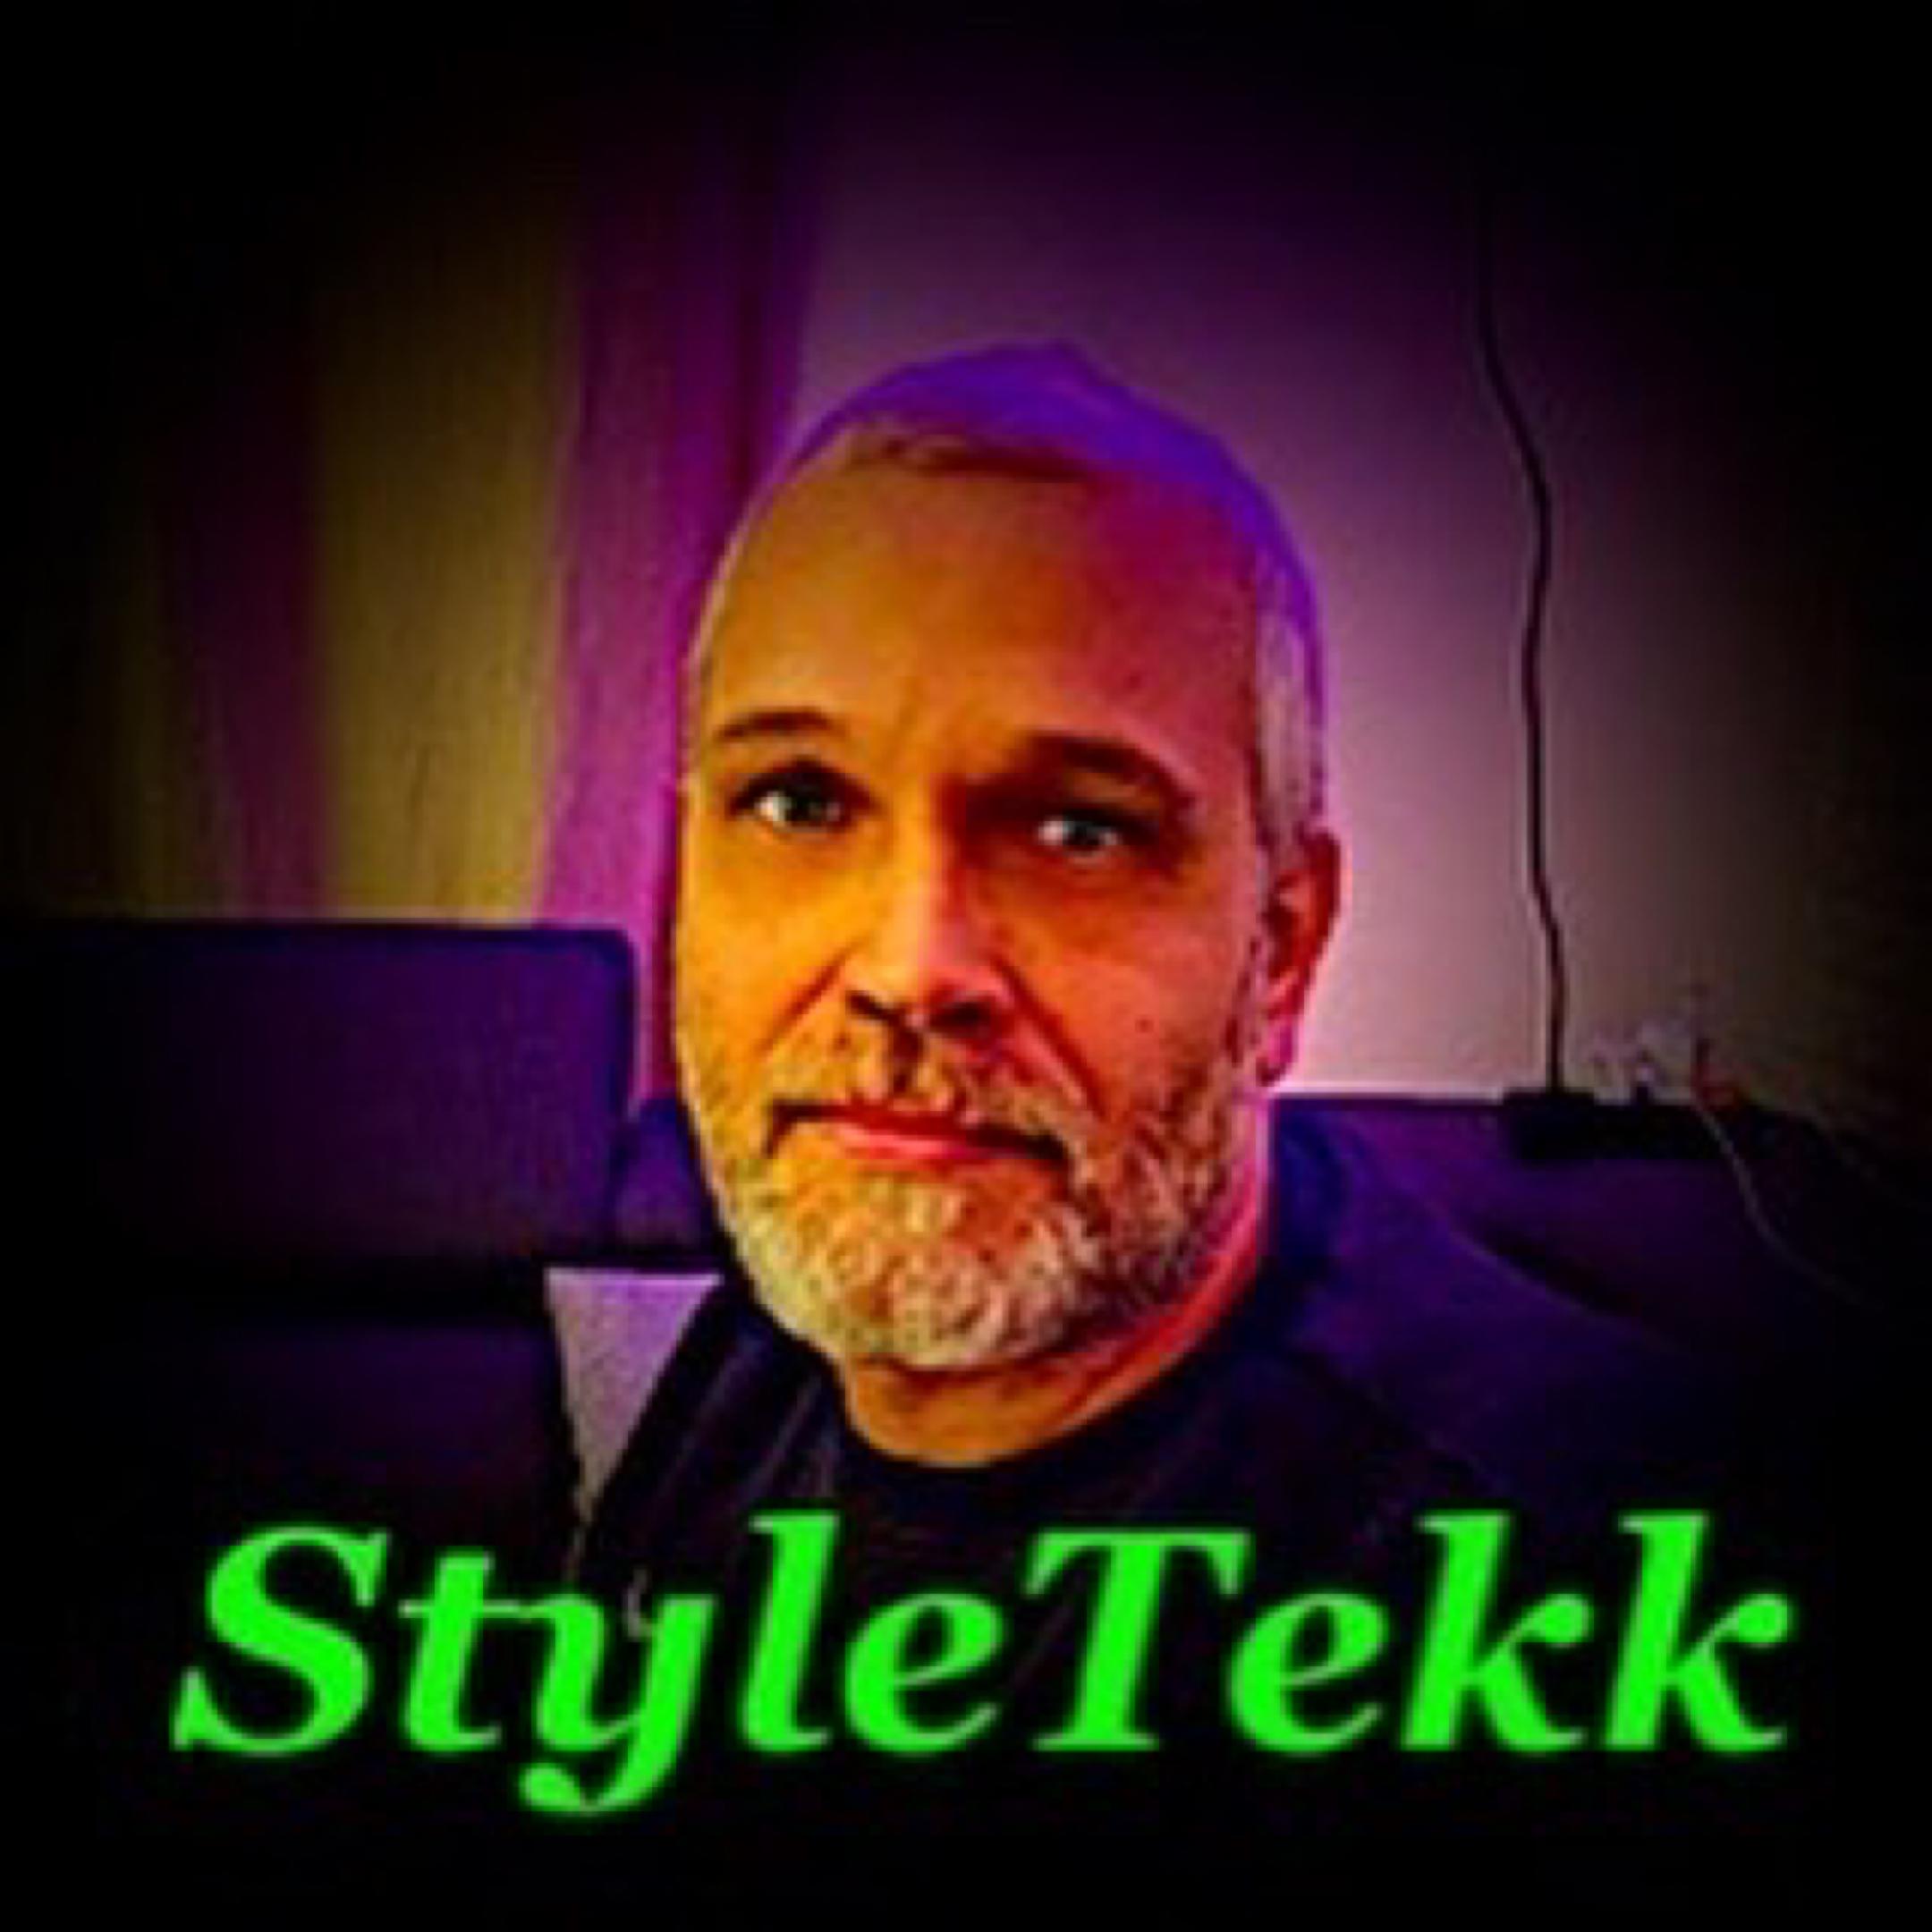 StyleTekk73